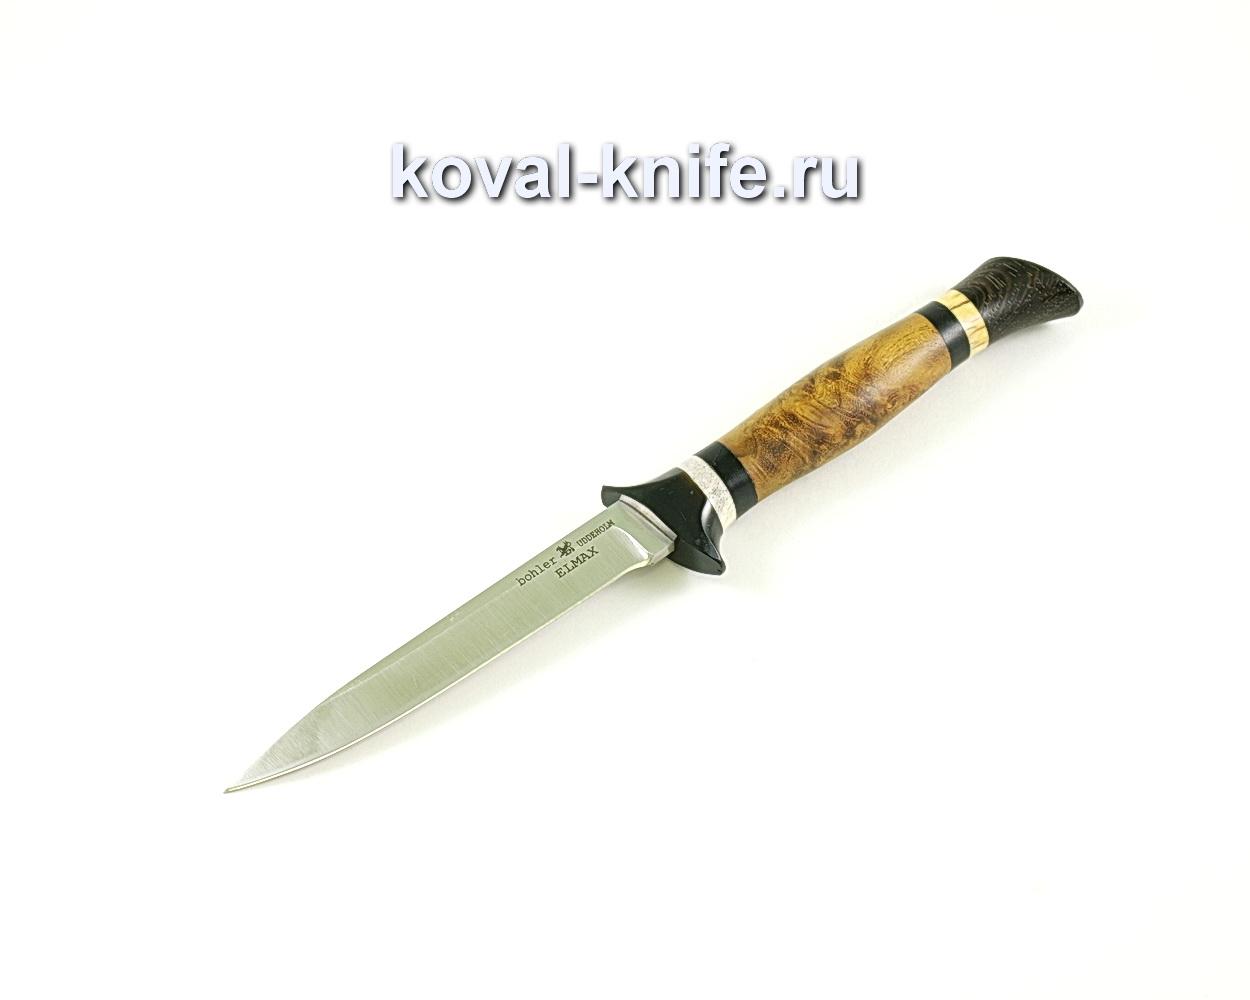 Нож Коготь (сталь Elmax), рукоять эбонит, карелка, венге A334